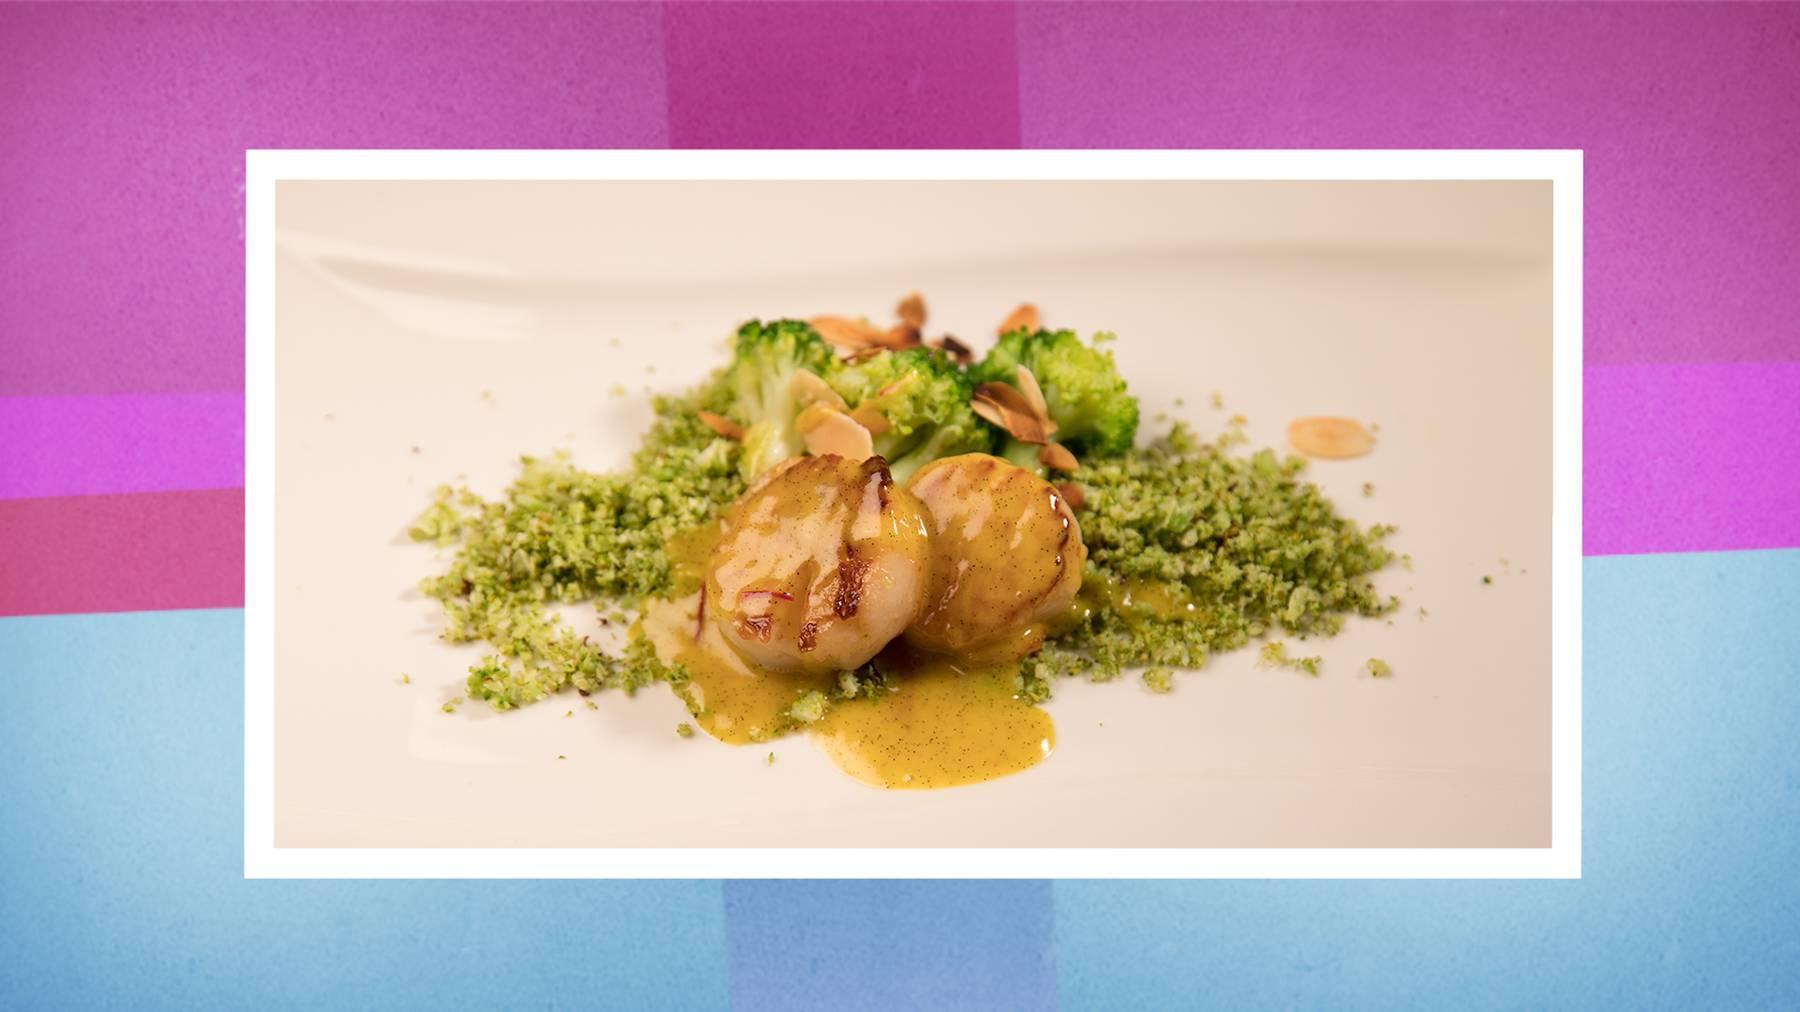 Die Vorspeise: Jakobsmuscheln mit Broccoli-Couscous.